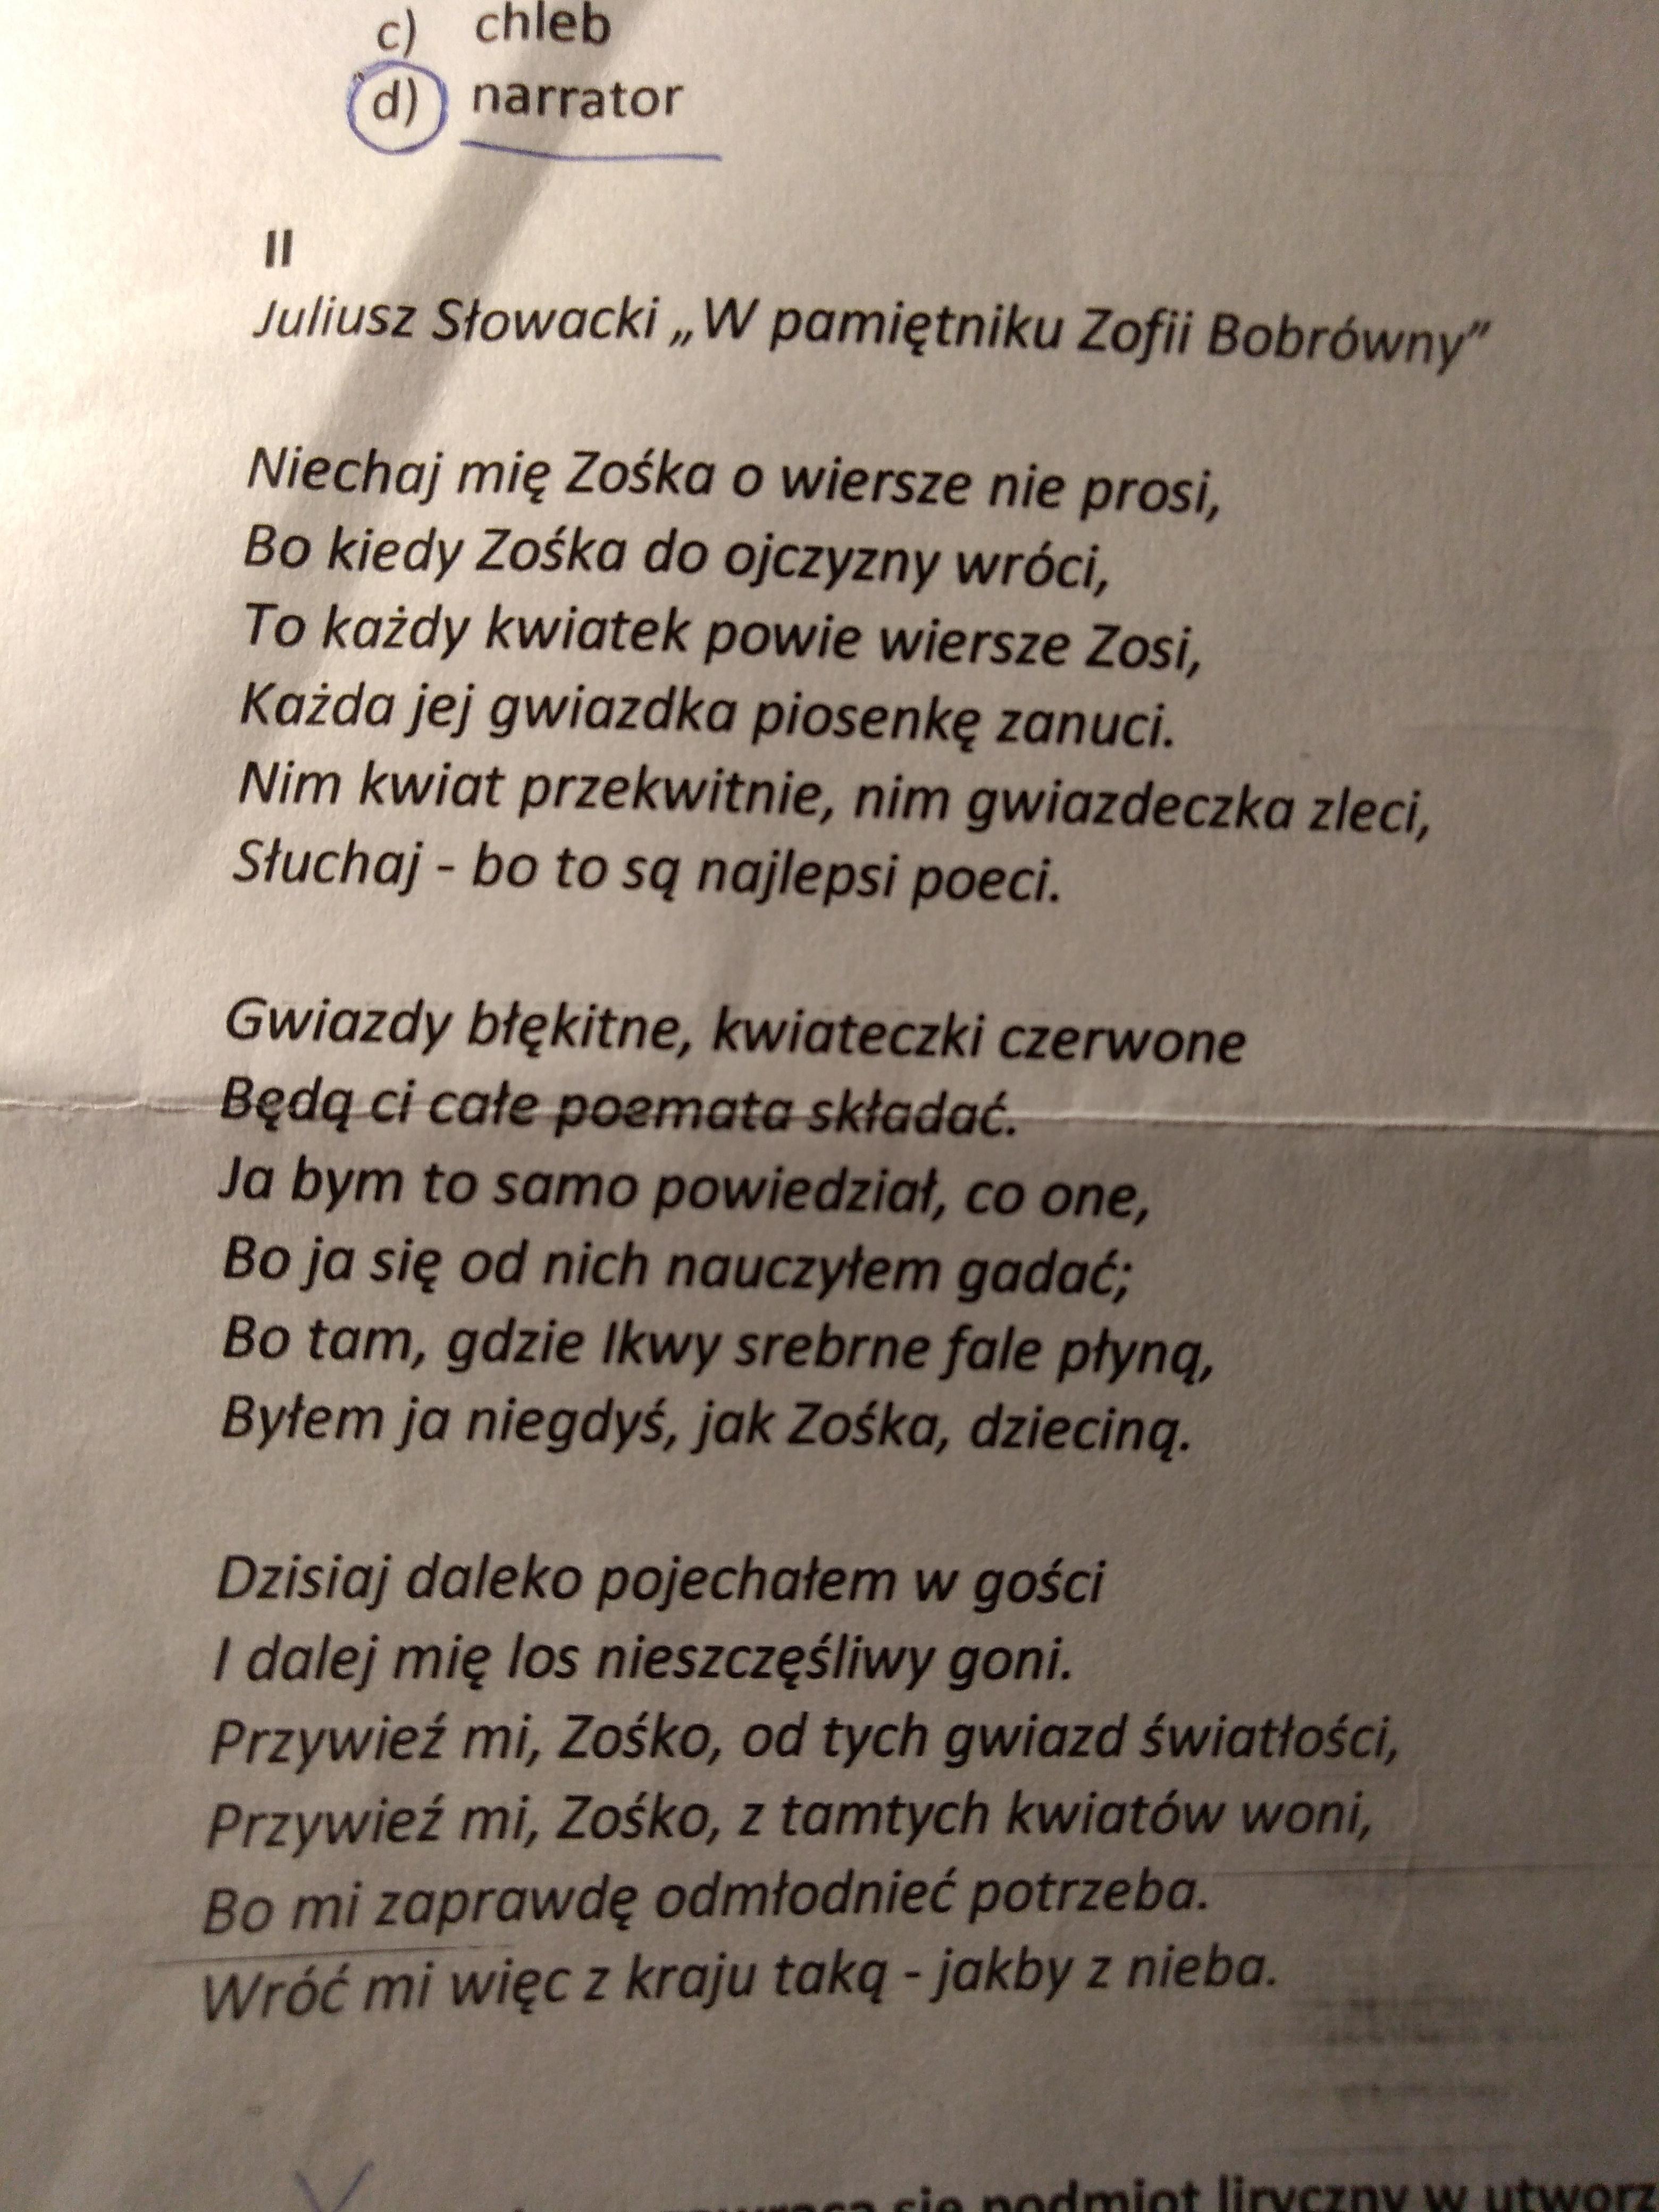 Blagam Szybkoooo Jak Ktos Umie Polski To Dla Niego łatwe To